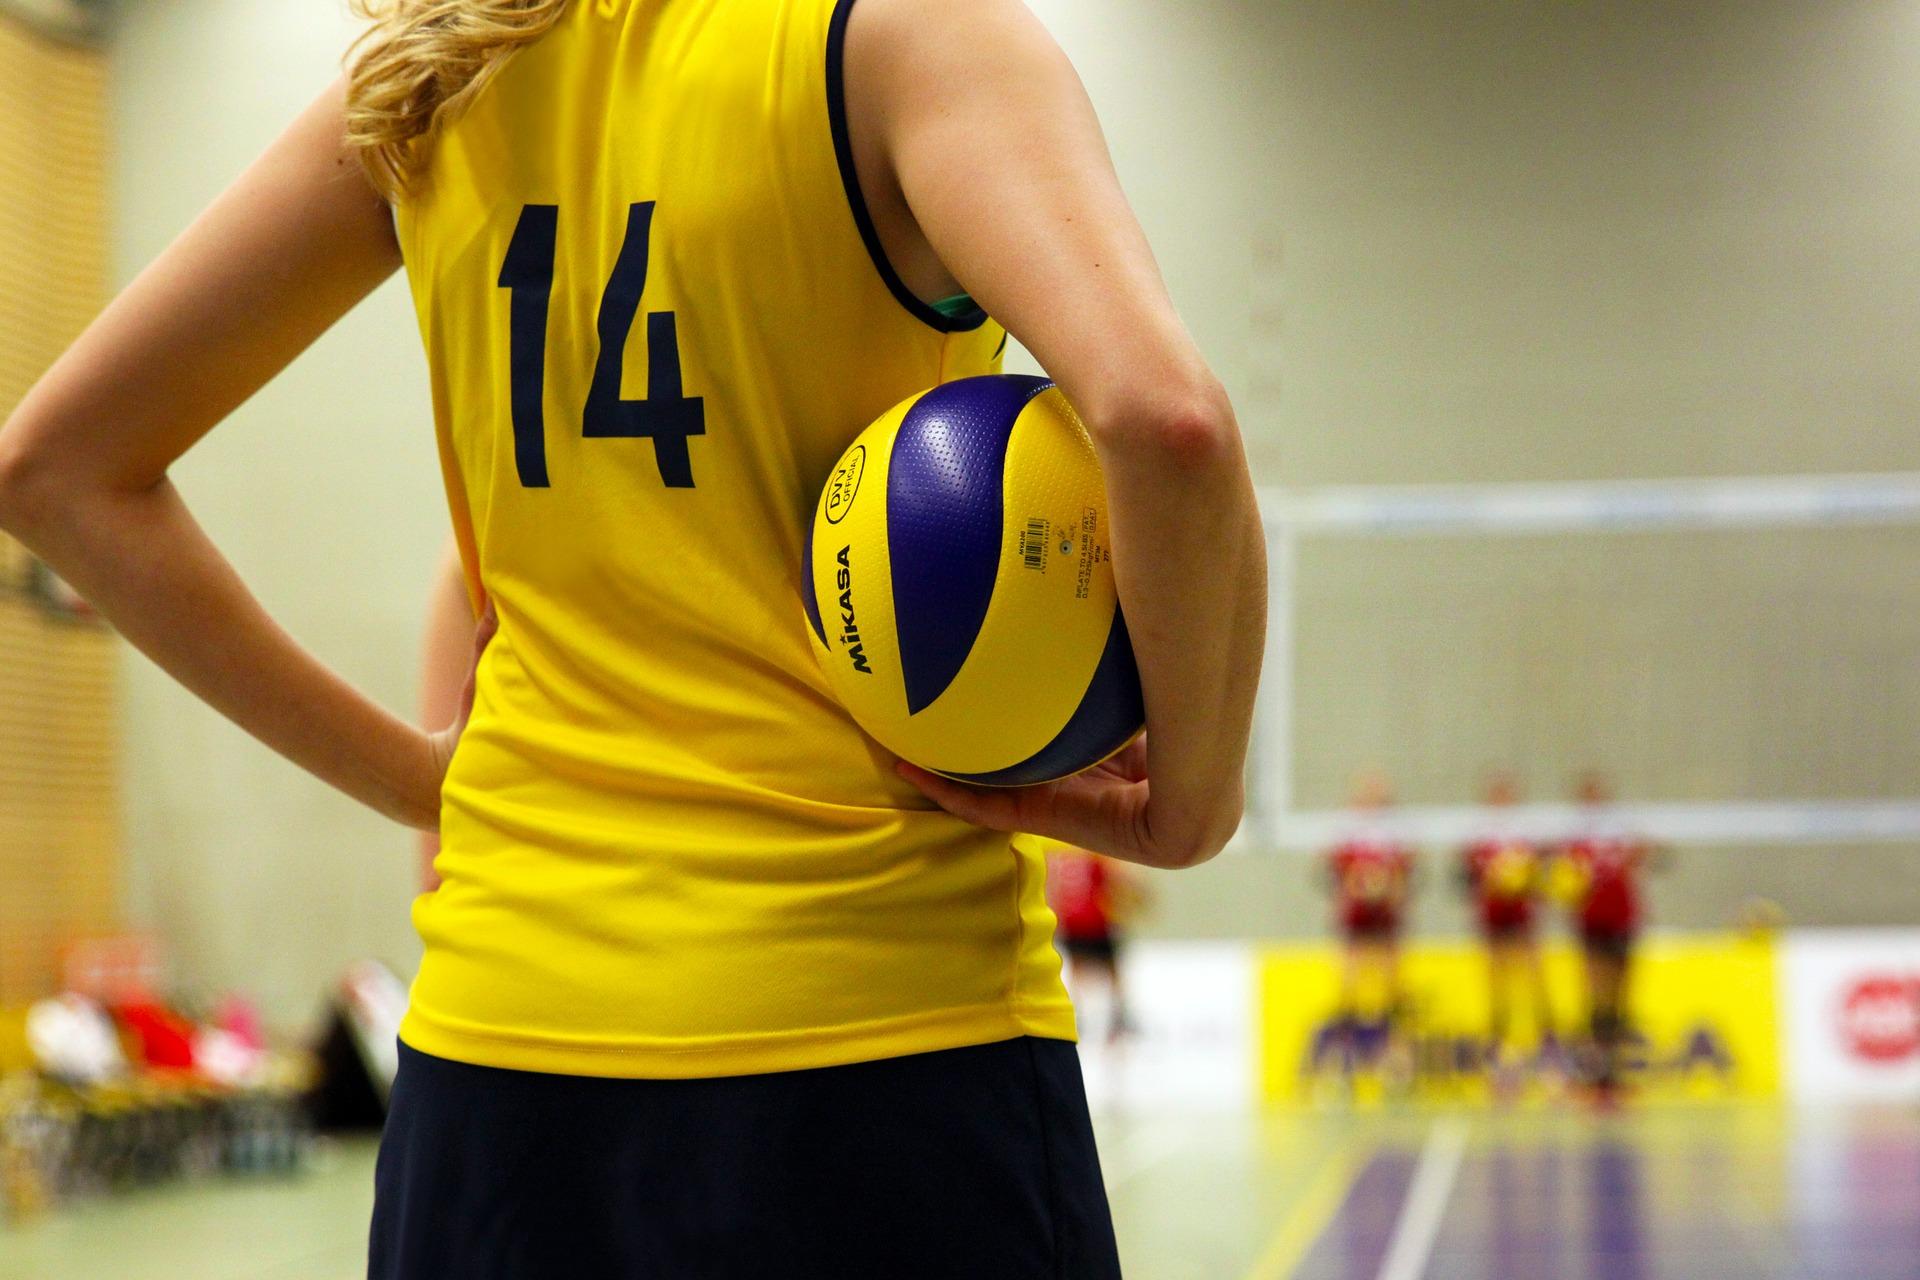 Двойная победа: волейболистки Плехановского университета стали лучшими в соревновании. Фото: pixabay.com